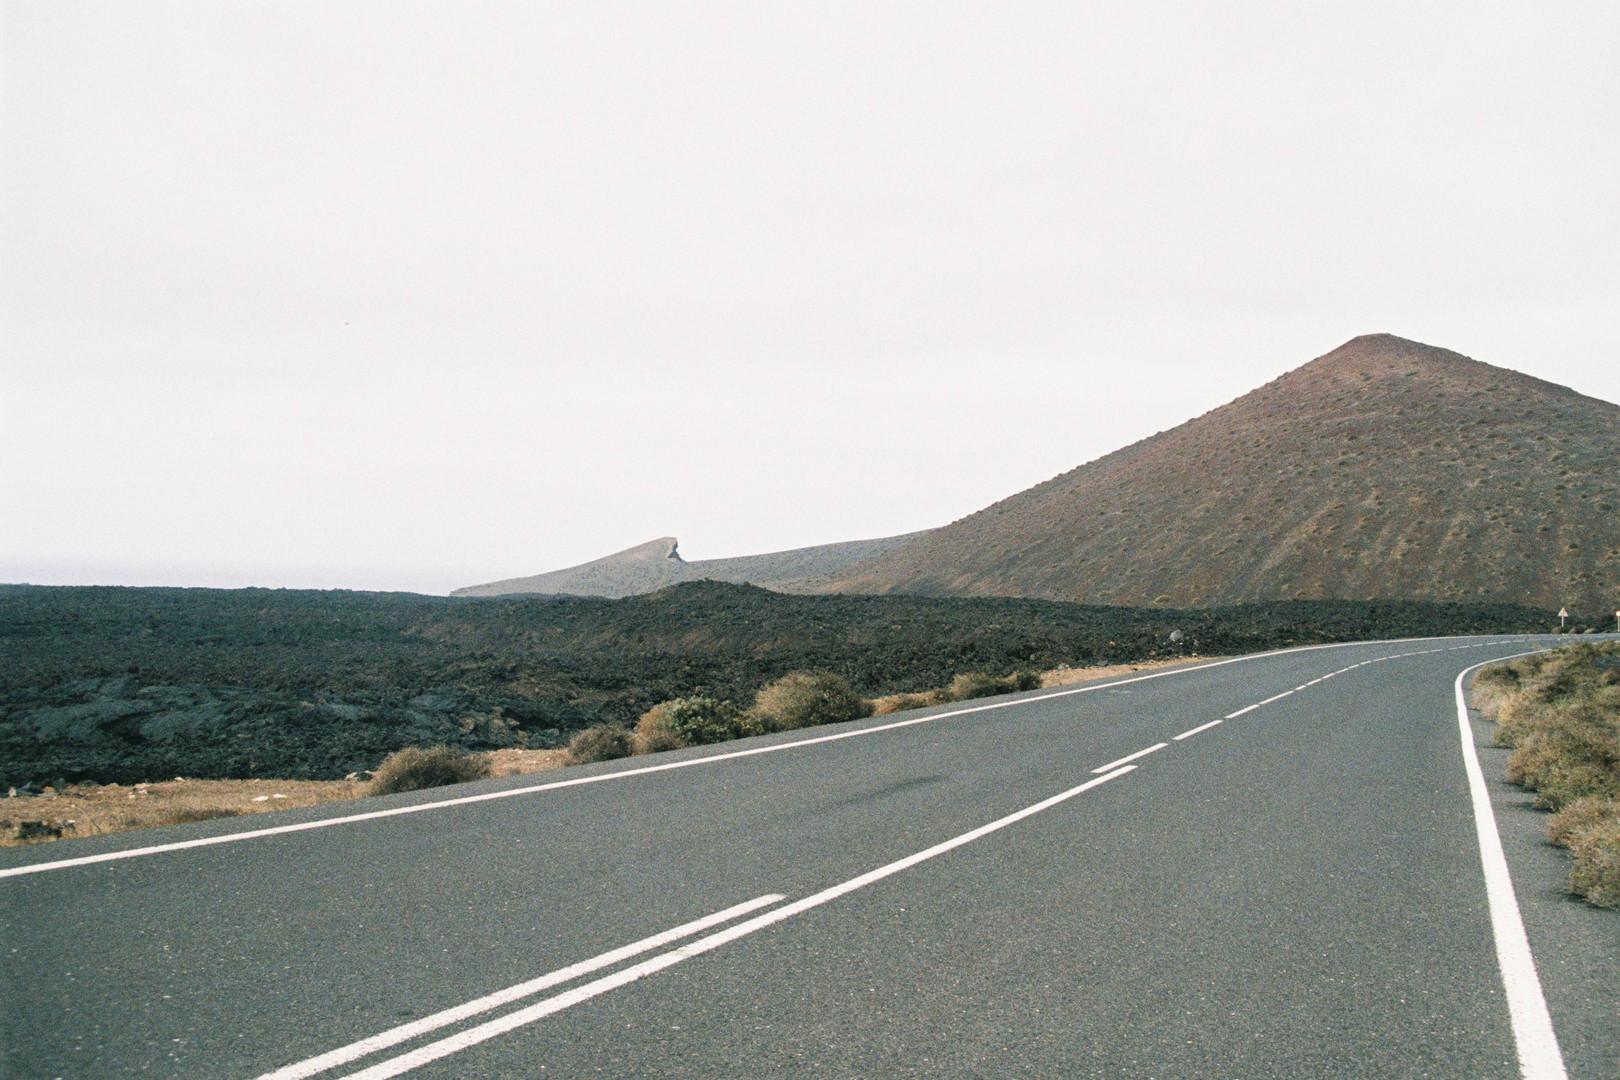 Poetica natura - Lanzarote 14  - Debbie